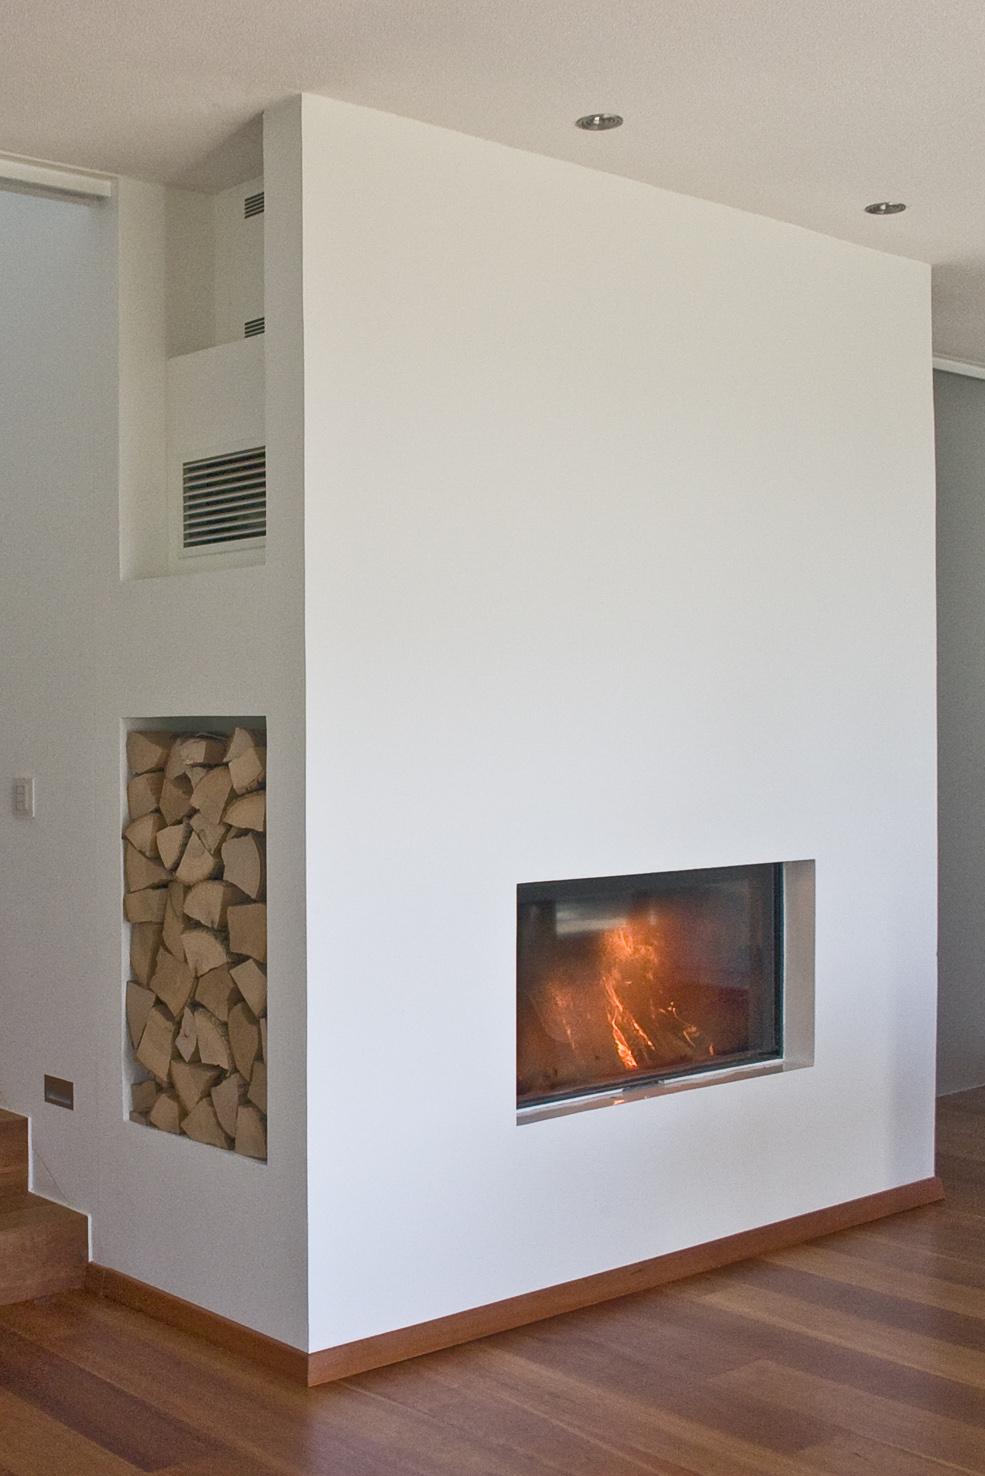 kachelofen stuttgart kachelofen und wohnraum integriert in die kche kachelofen und wohnraum. Black Bedroom Furniture Sets. Home Design Ideas